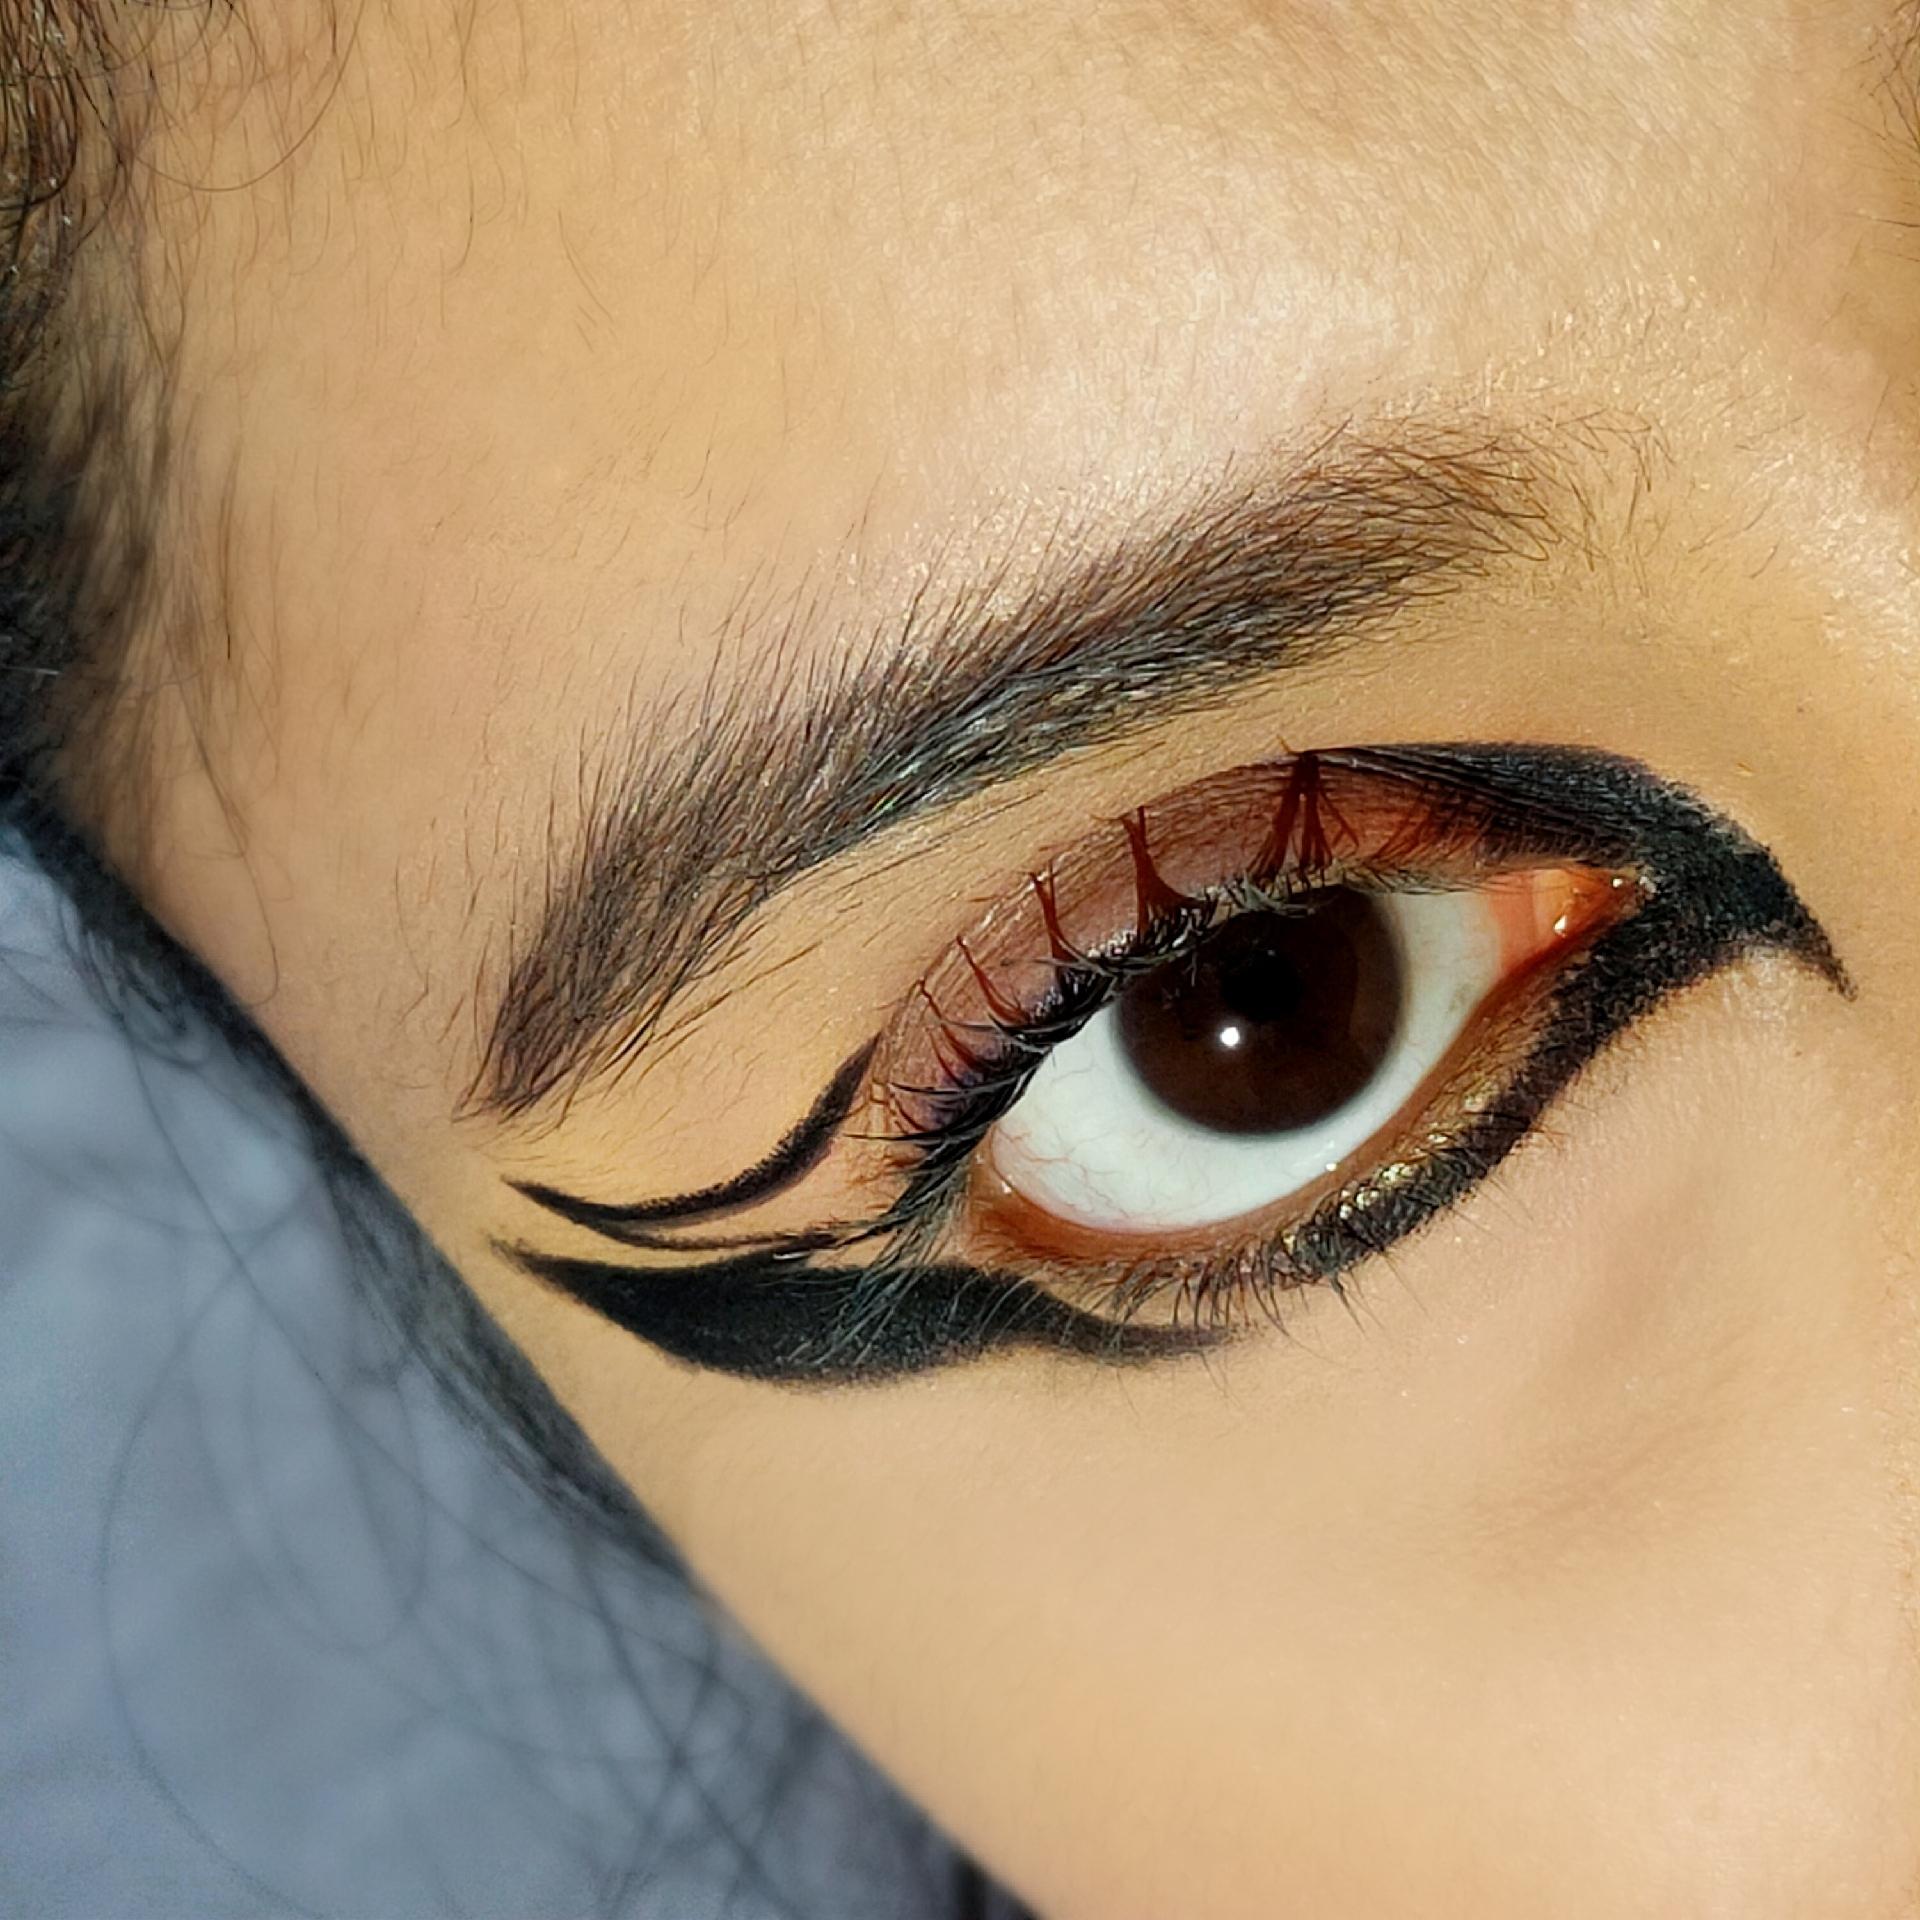 Maybelline Eye Studio Lasting Drama Gel Liner-Best budget gel liner-By meghagupta